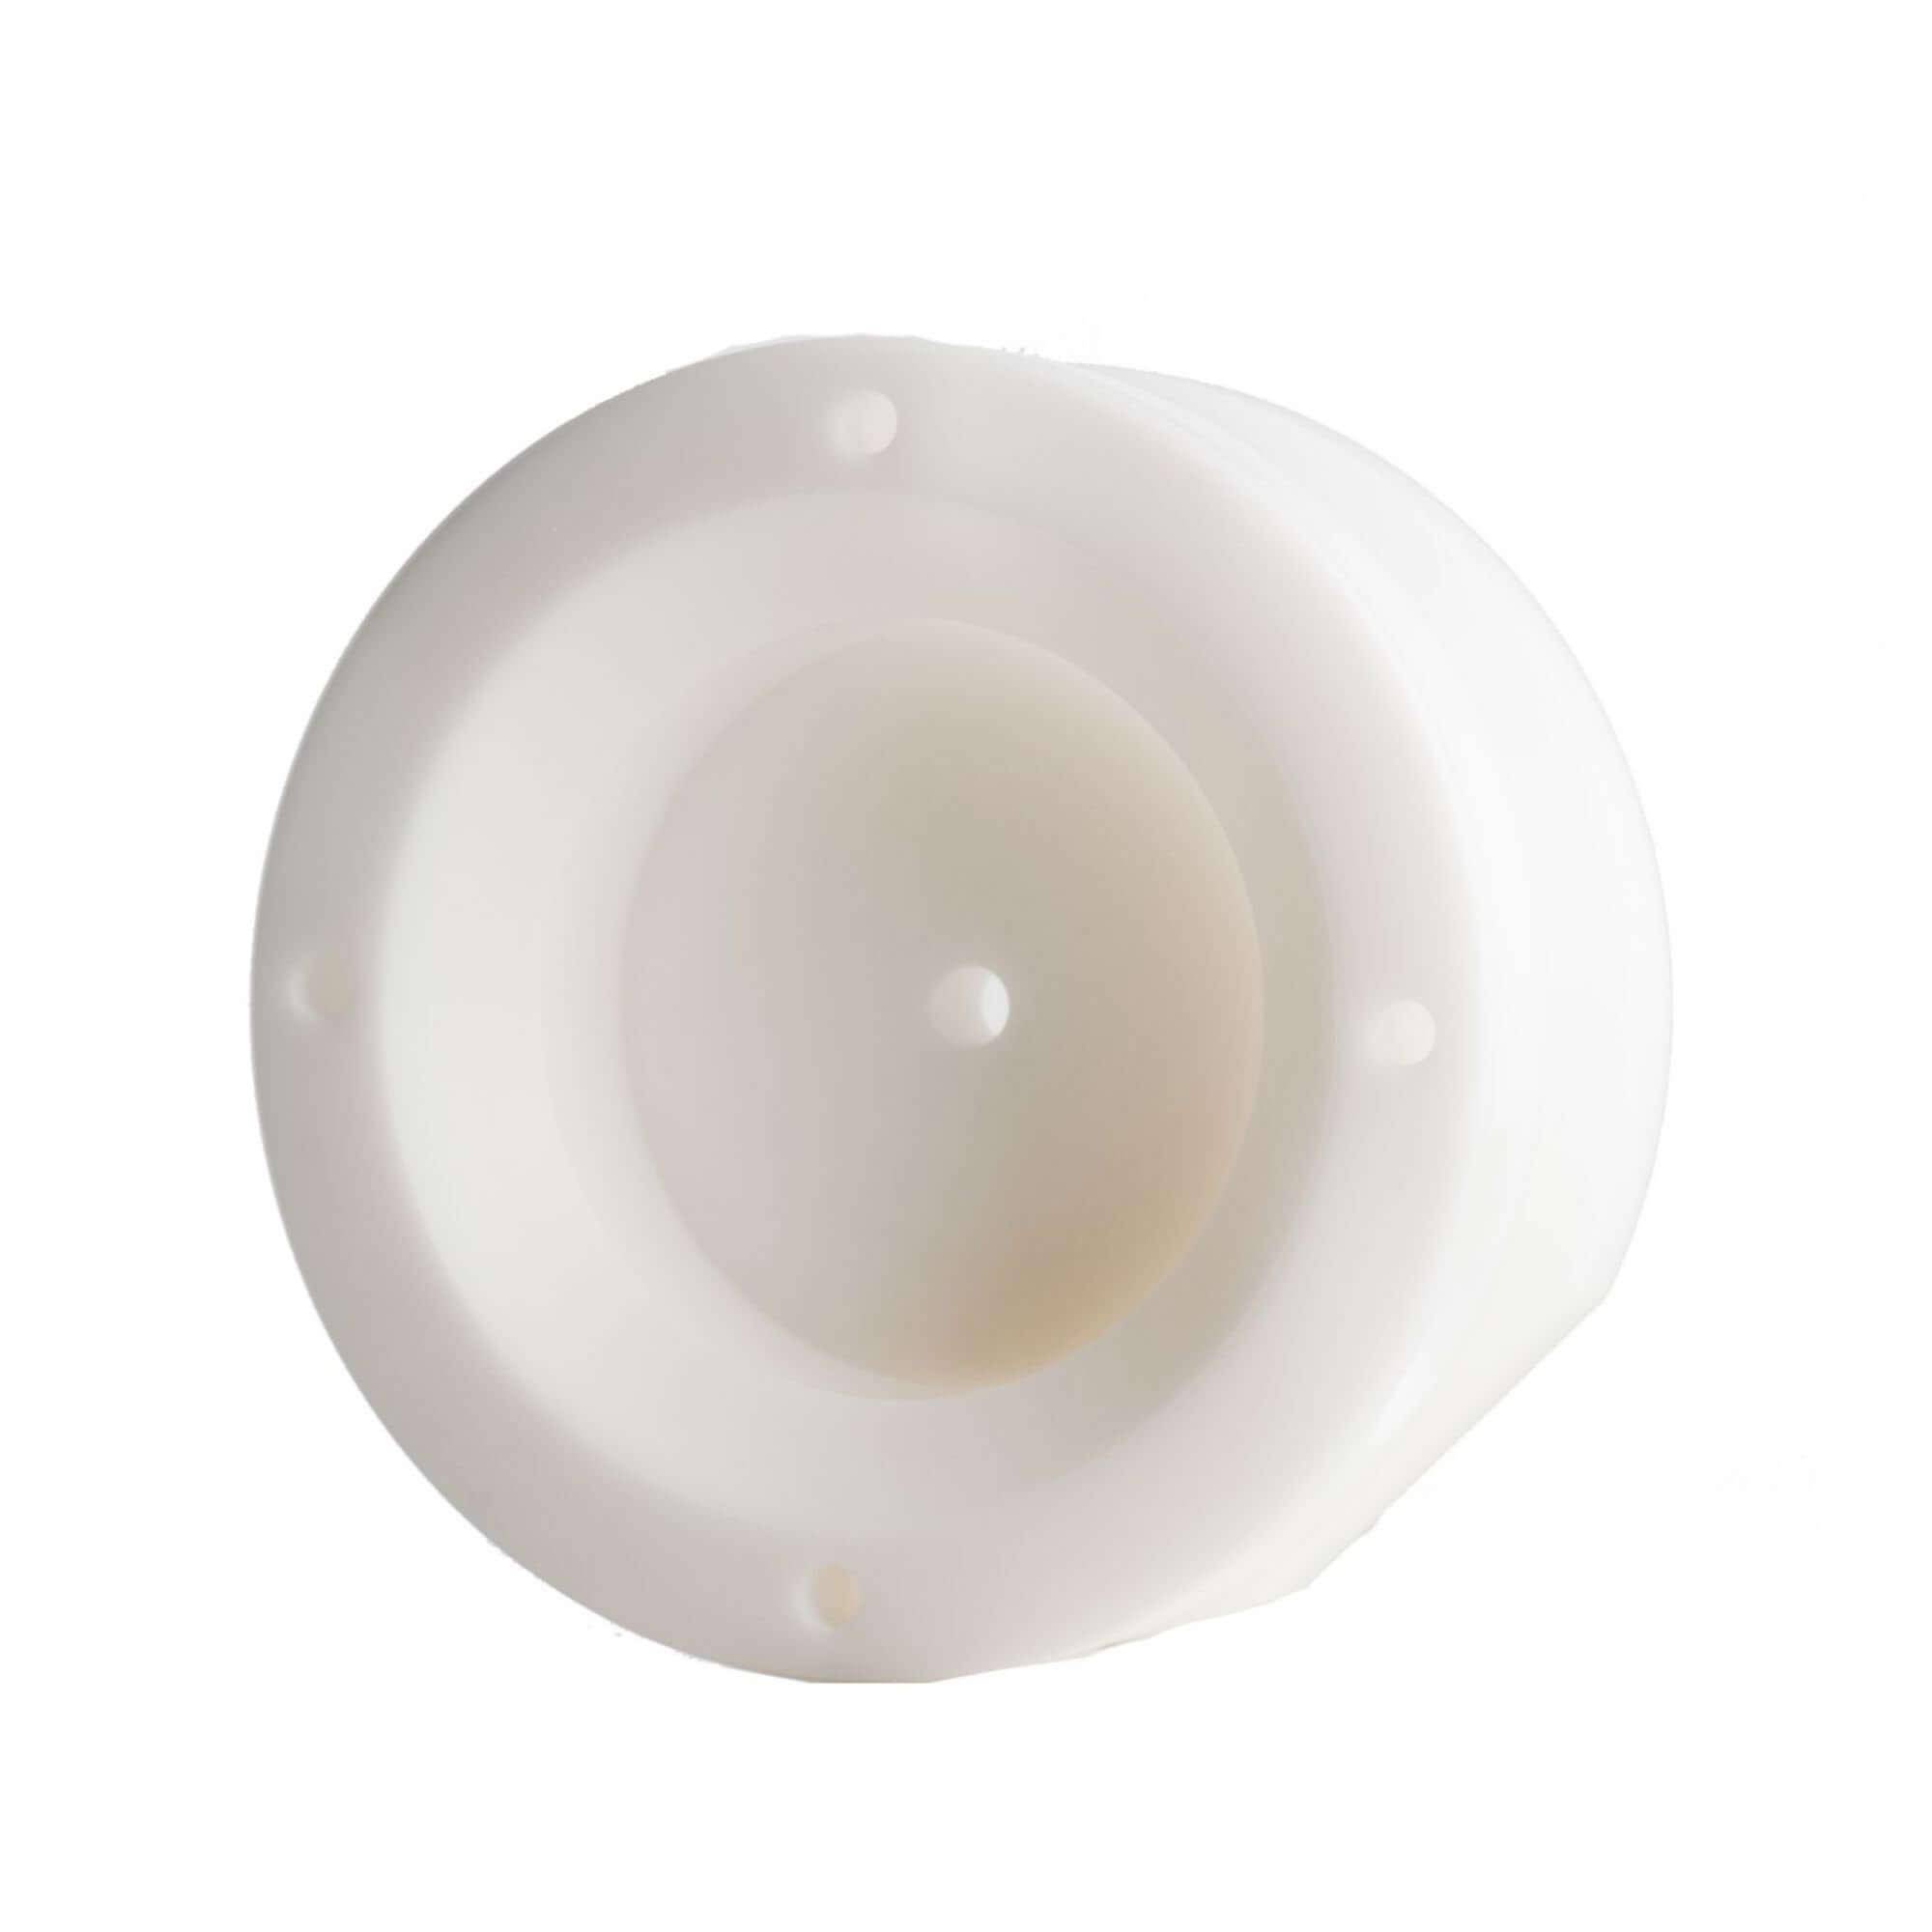 Acryline Drehteil aus POM technische teile drehteil zubehör gedreht POM kunststoff produktion